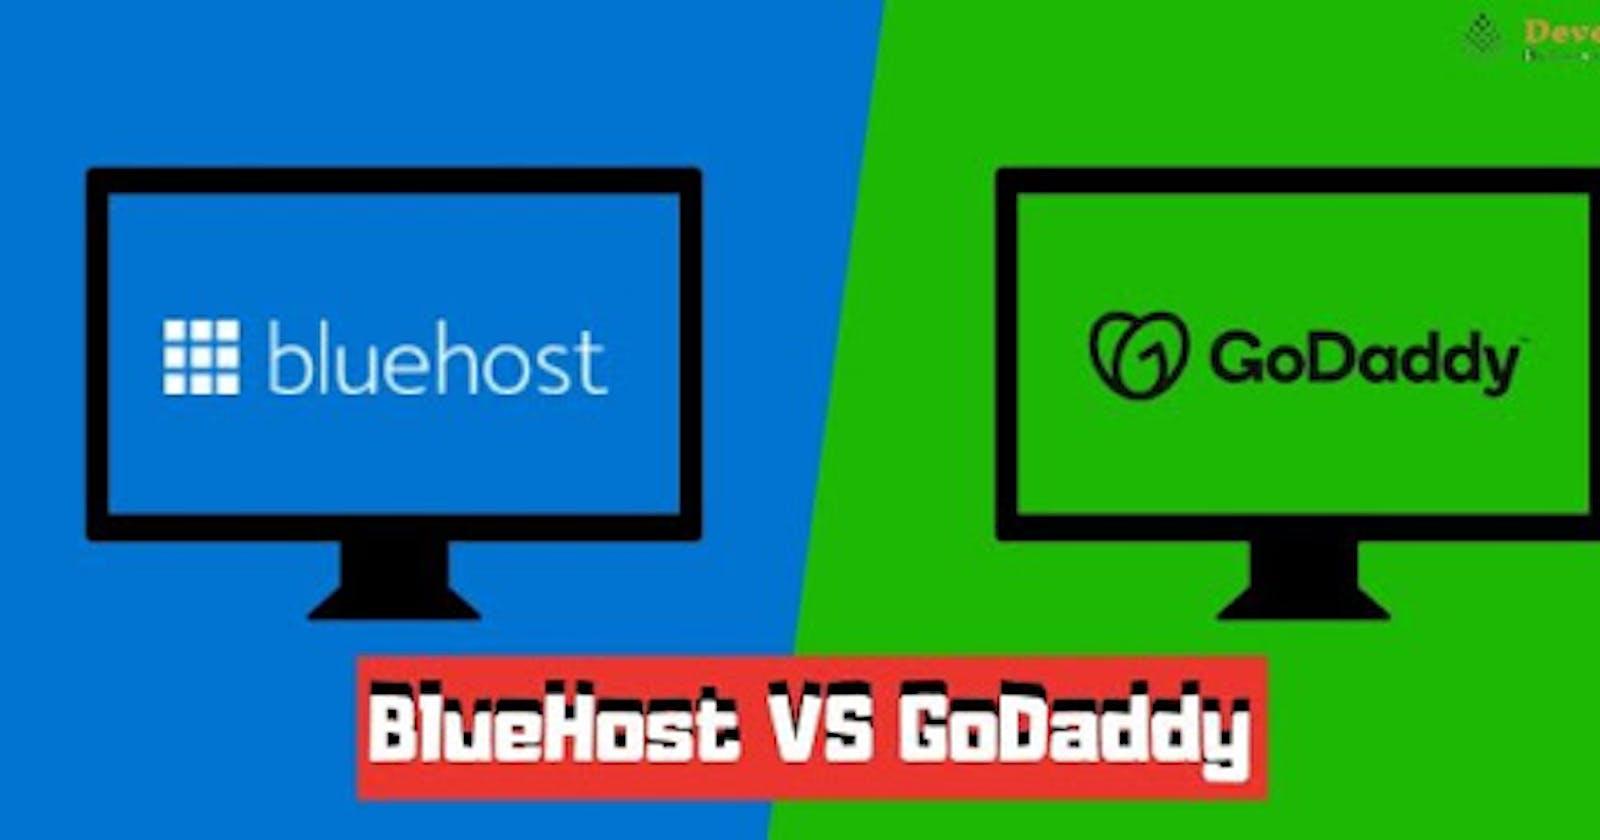 Bluehost or GoDaddy?